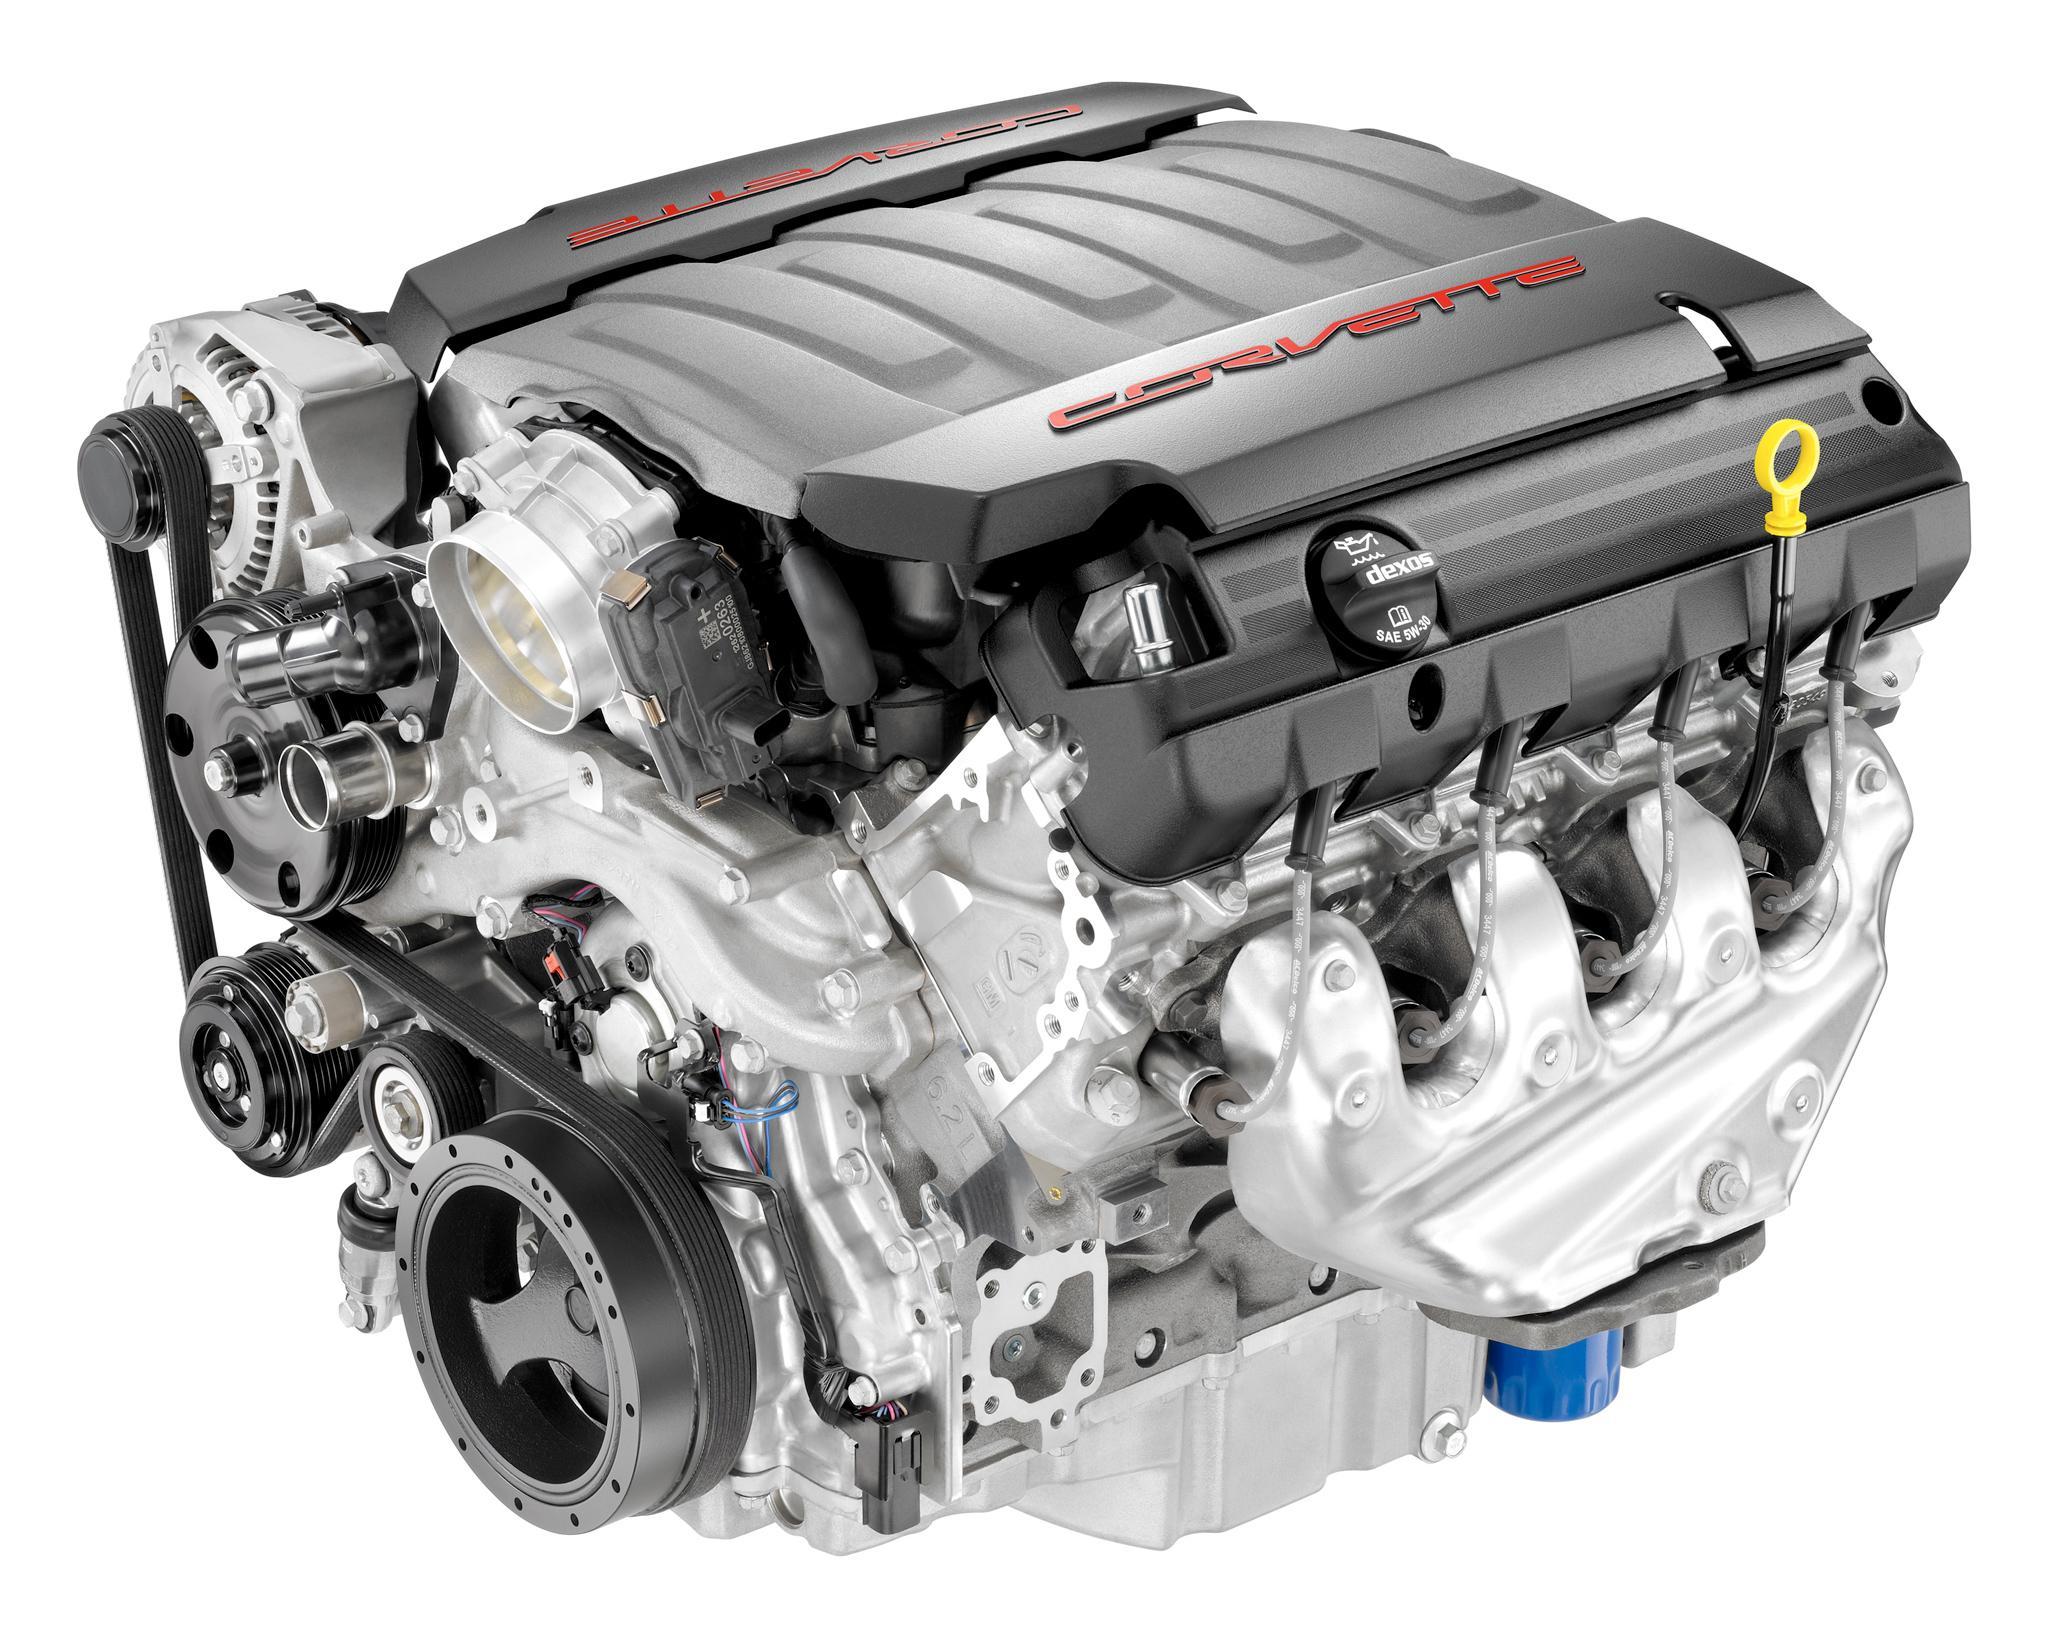 2014_Chevrolet_Corvette_LT1_V8